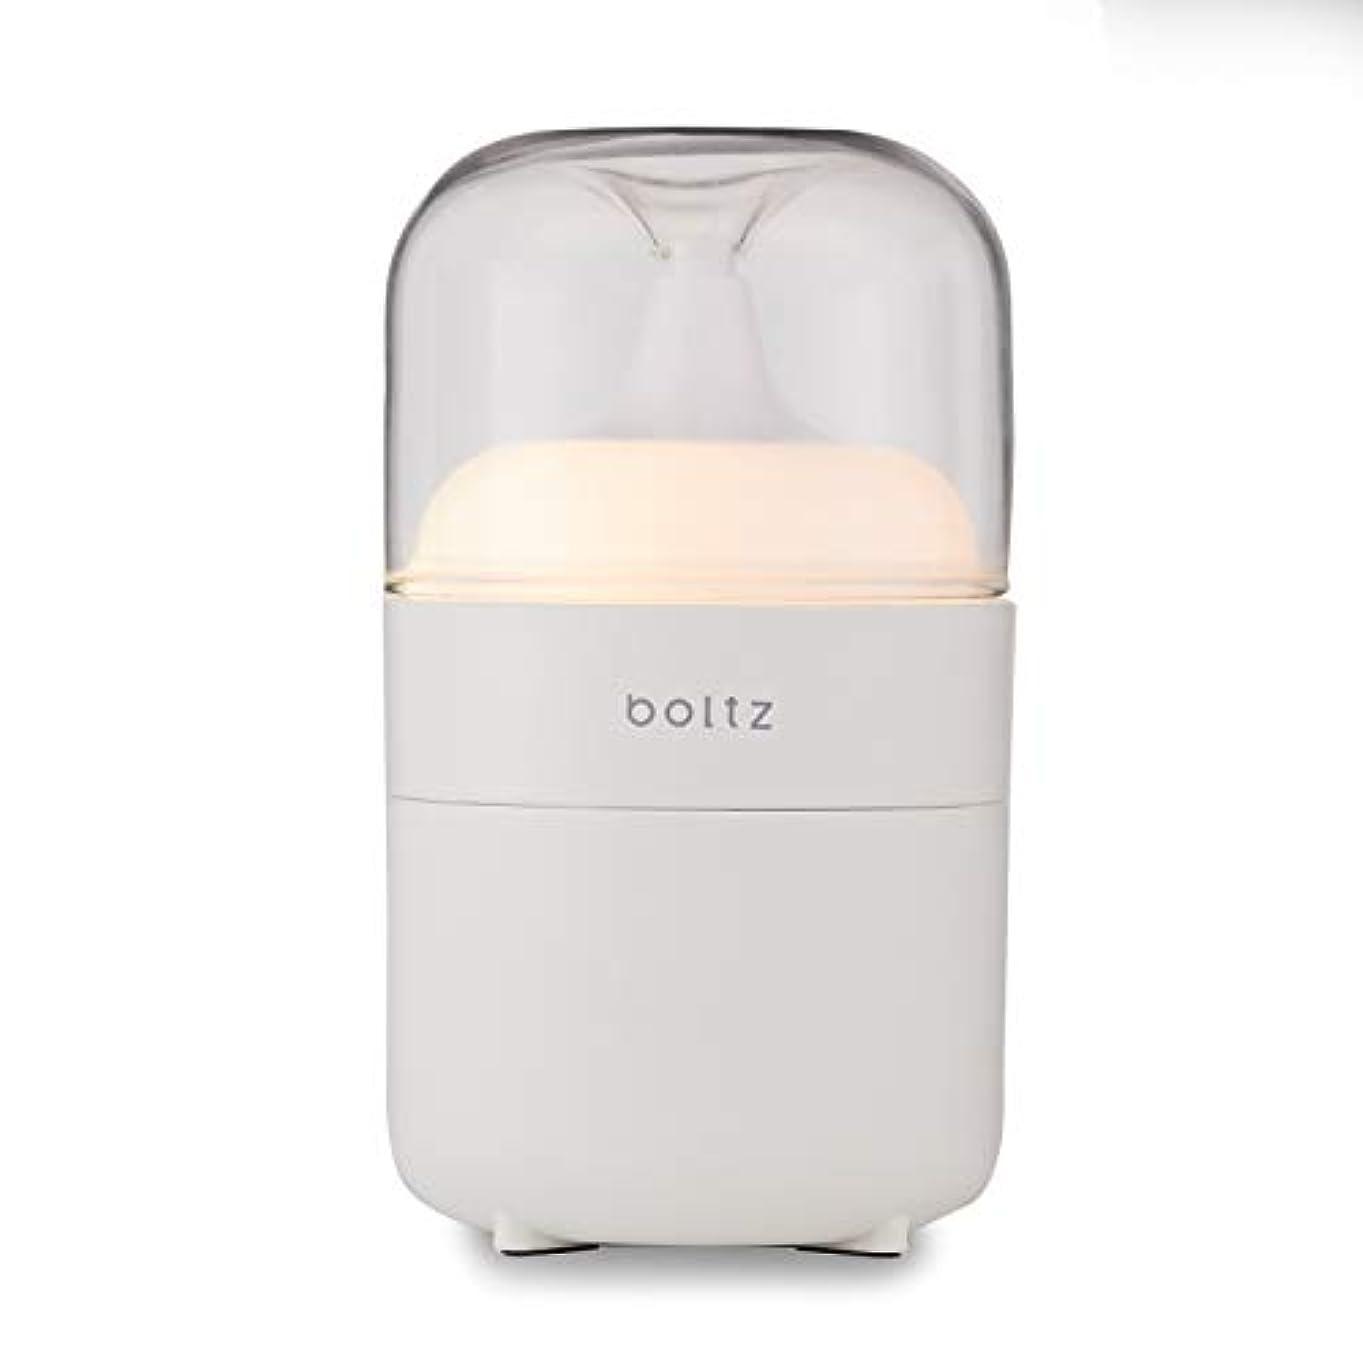 パーチナシティ頑張る薬局LOWYA(ロウヤ) boltz アロマディフューザー ネプライザー式 アロマオイル対応 間接照明 おしゃれ USB対応